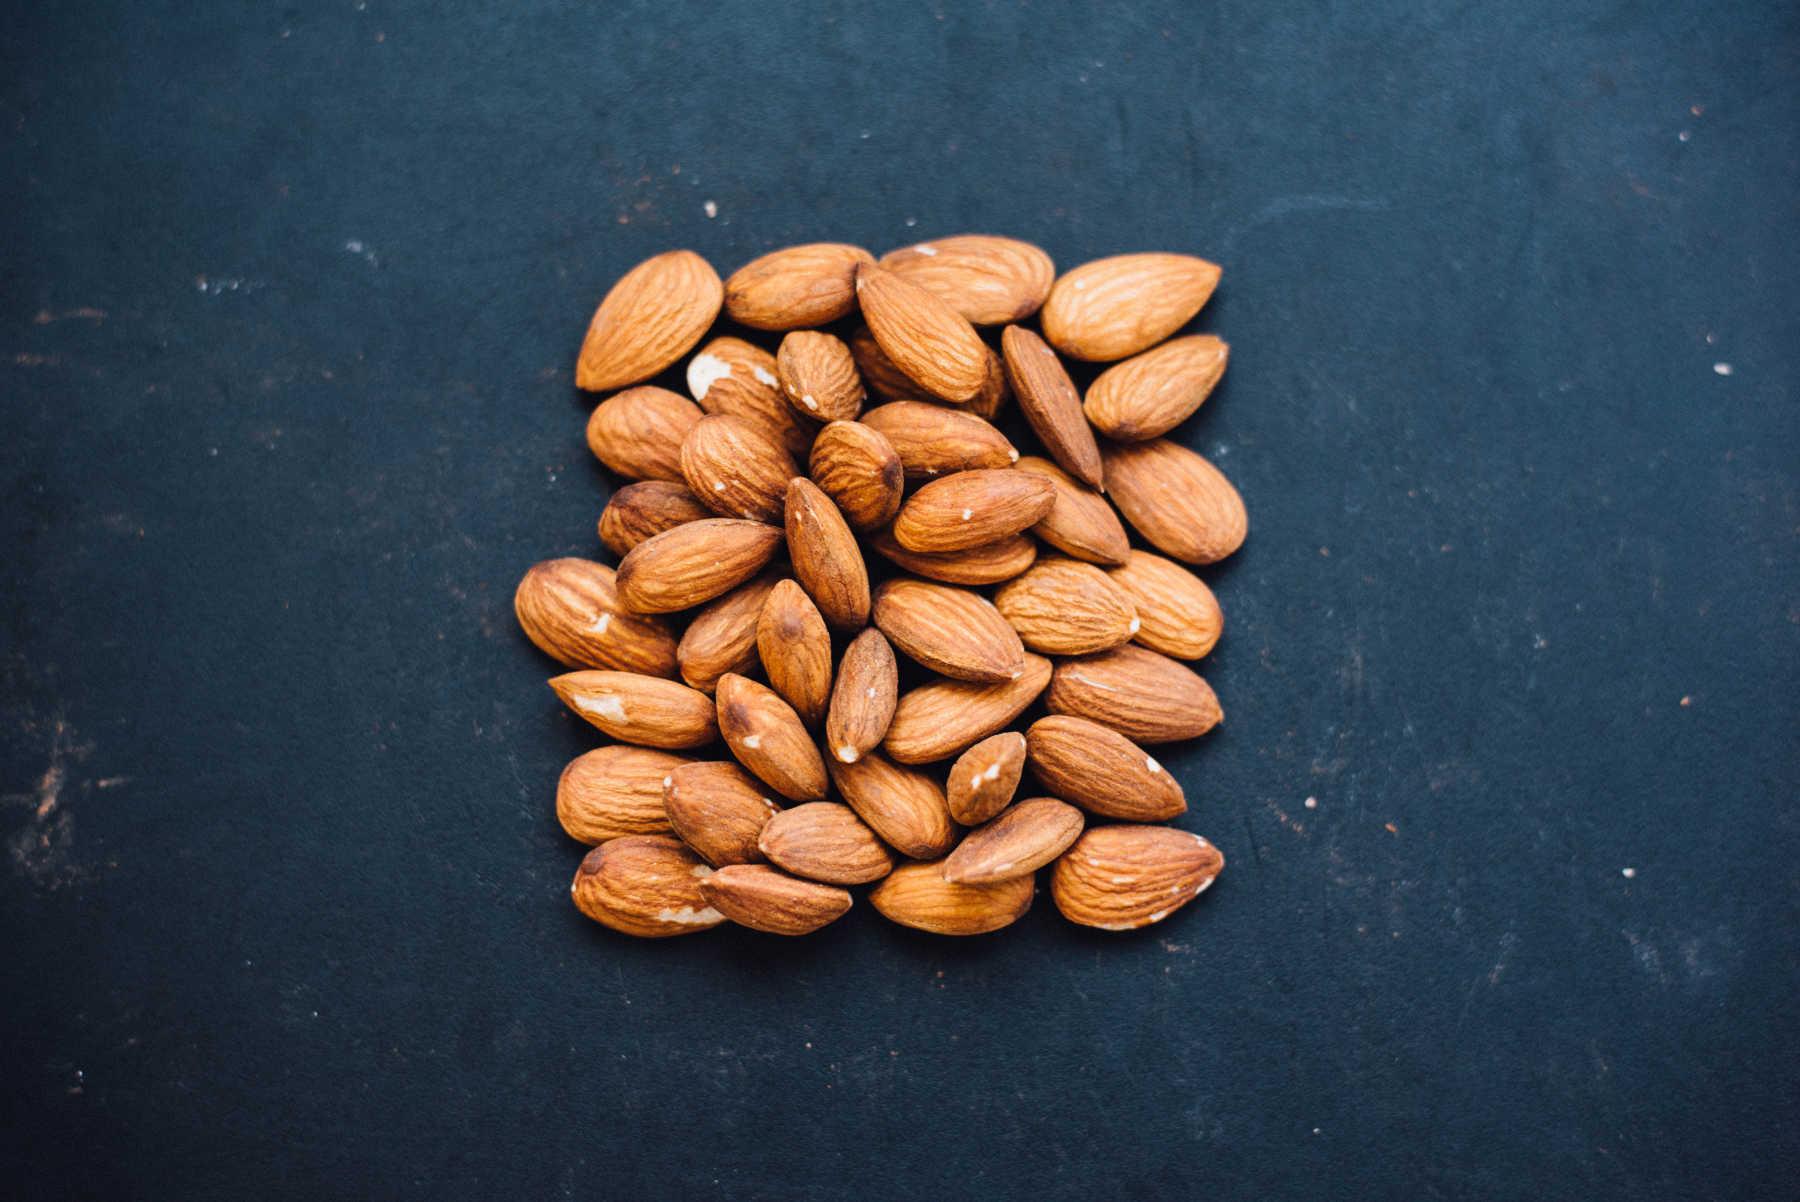 Les bienfaits des fruits à coque contre les maladies cardiovasculaires